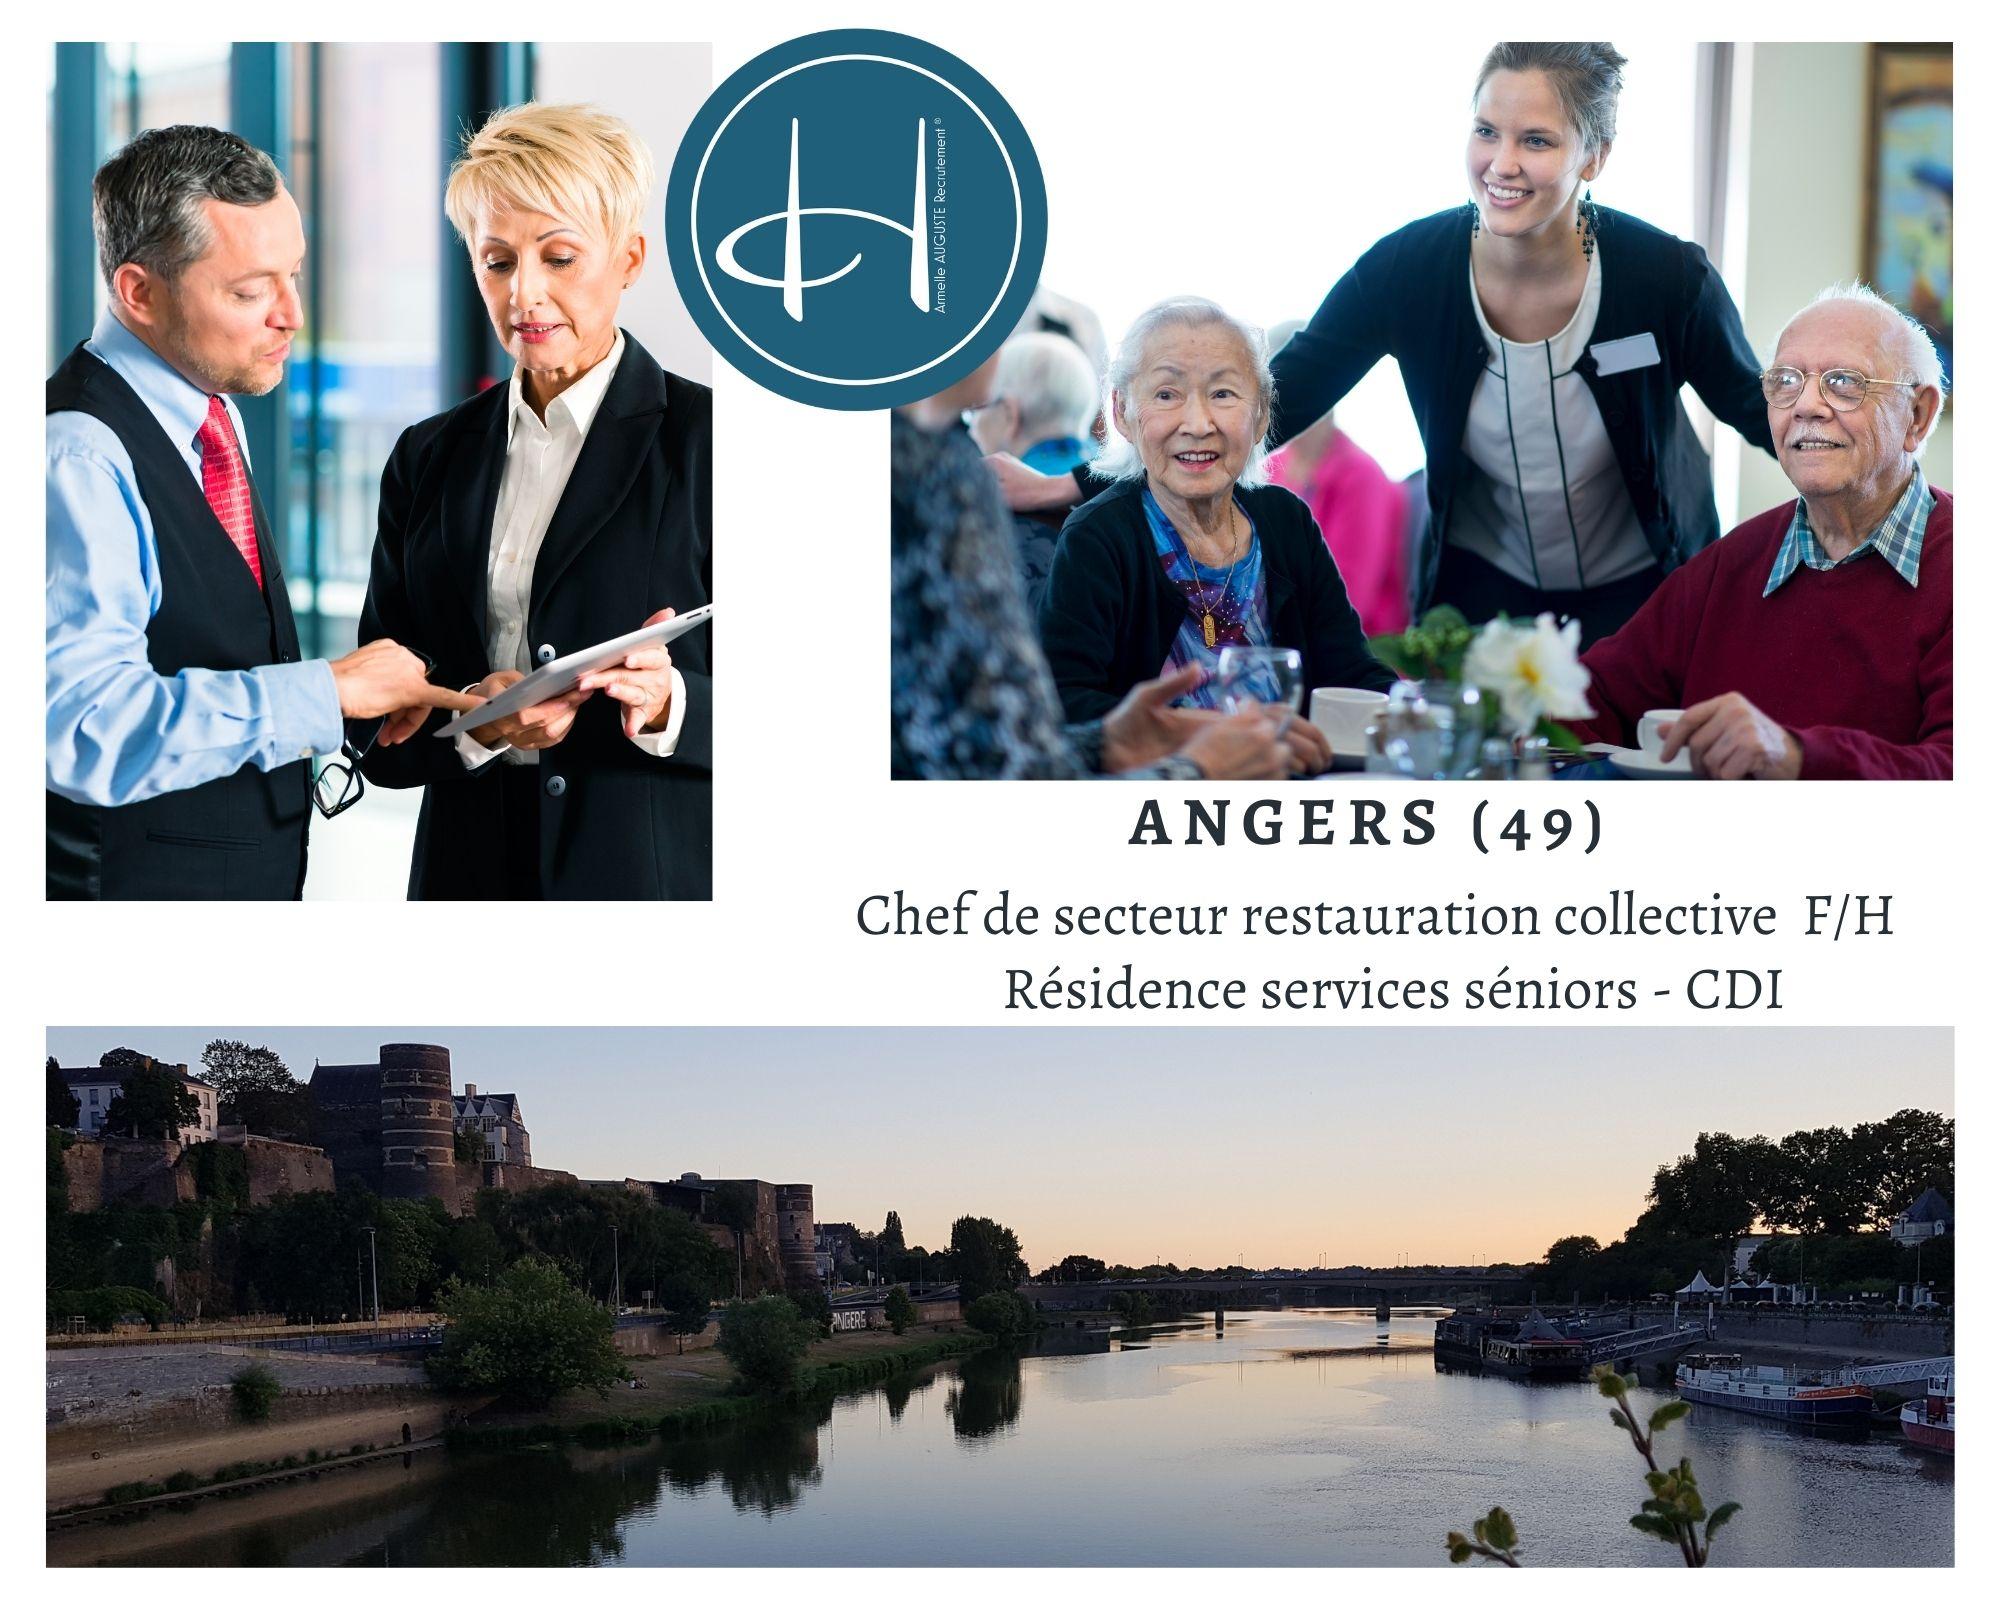 Recrutement: Chef de secteur restauration collective F/H chez Armelle AUGUSTE Recrutement® à Angers